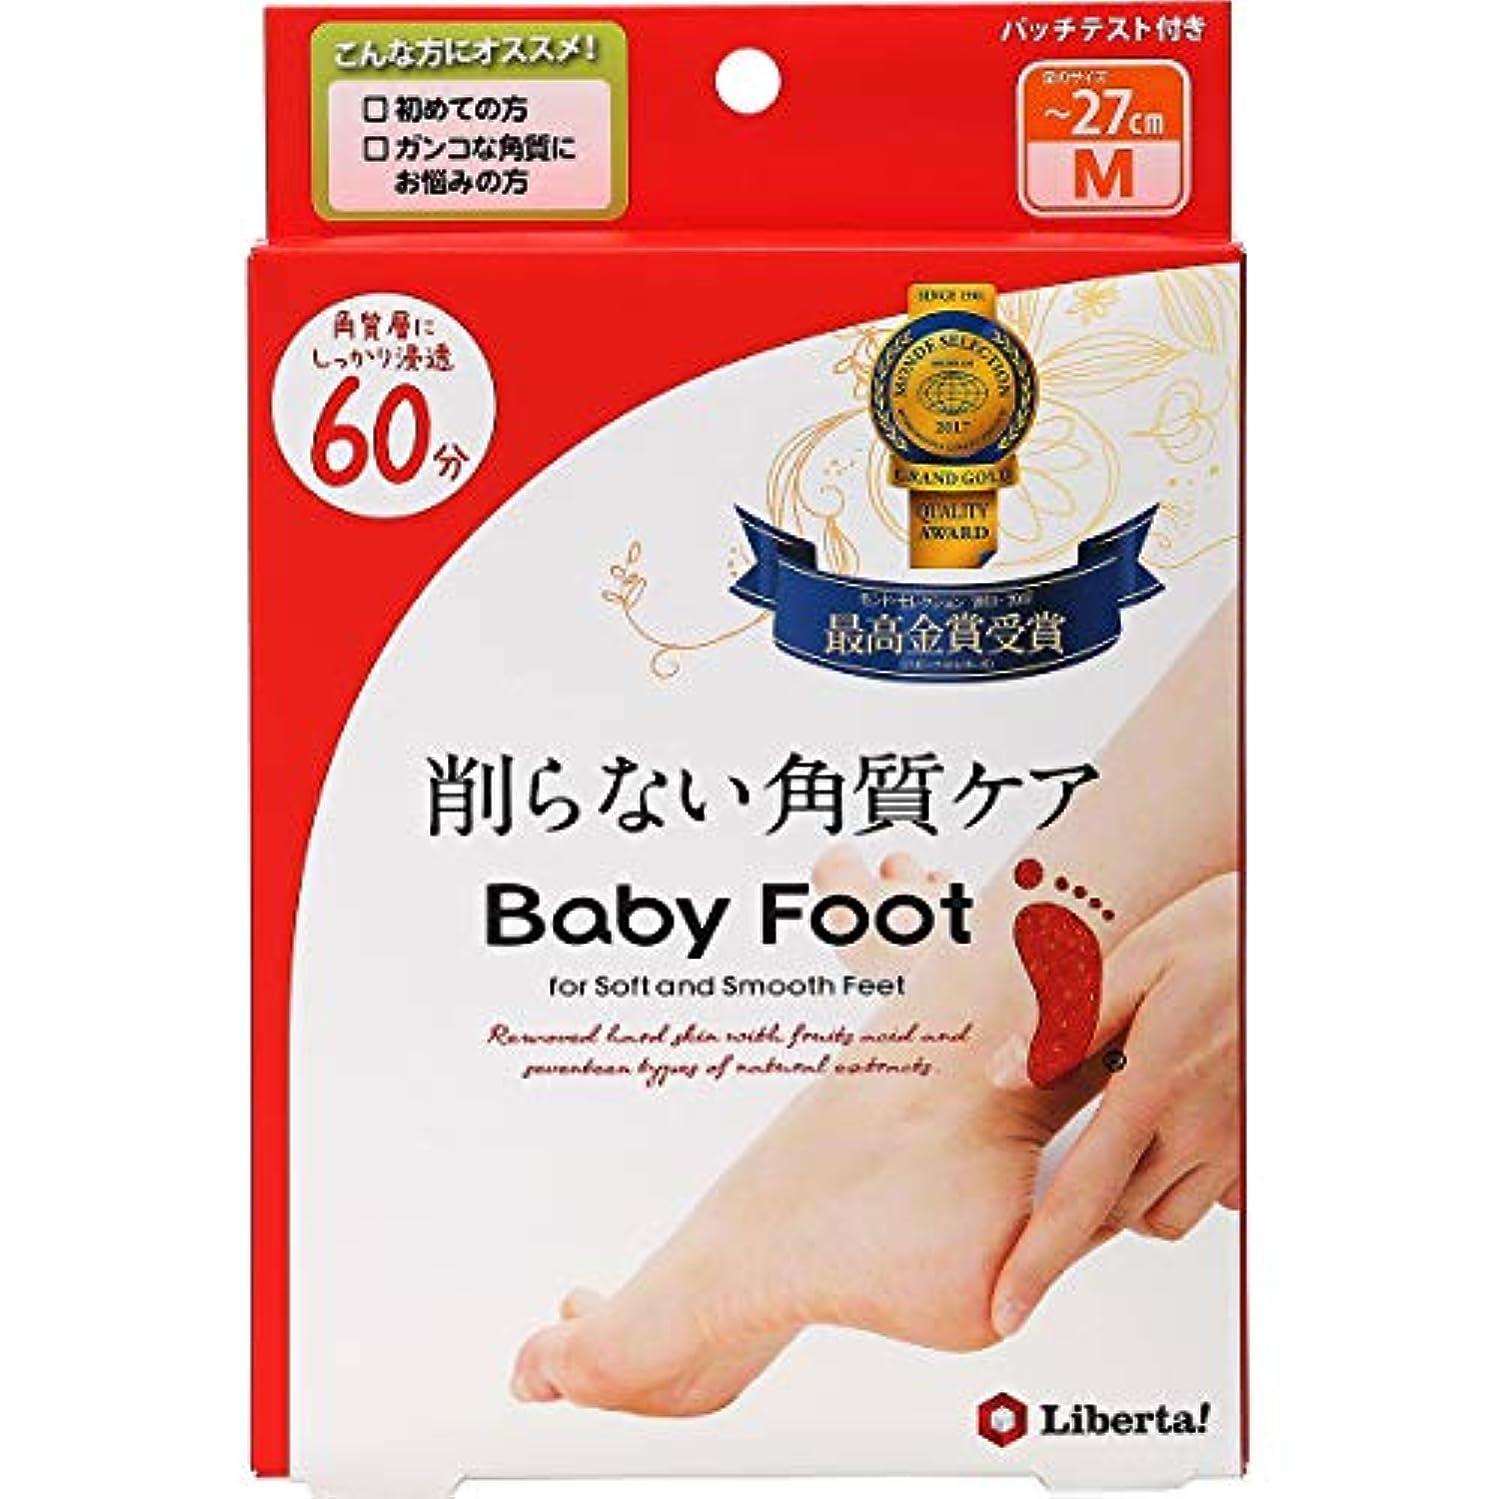 穿孔するたくさんトレースベビーフット (Baby Foot) ベビーフット イージーパック SPT60分タイプ Mサイズ 単品